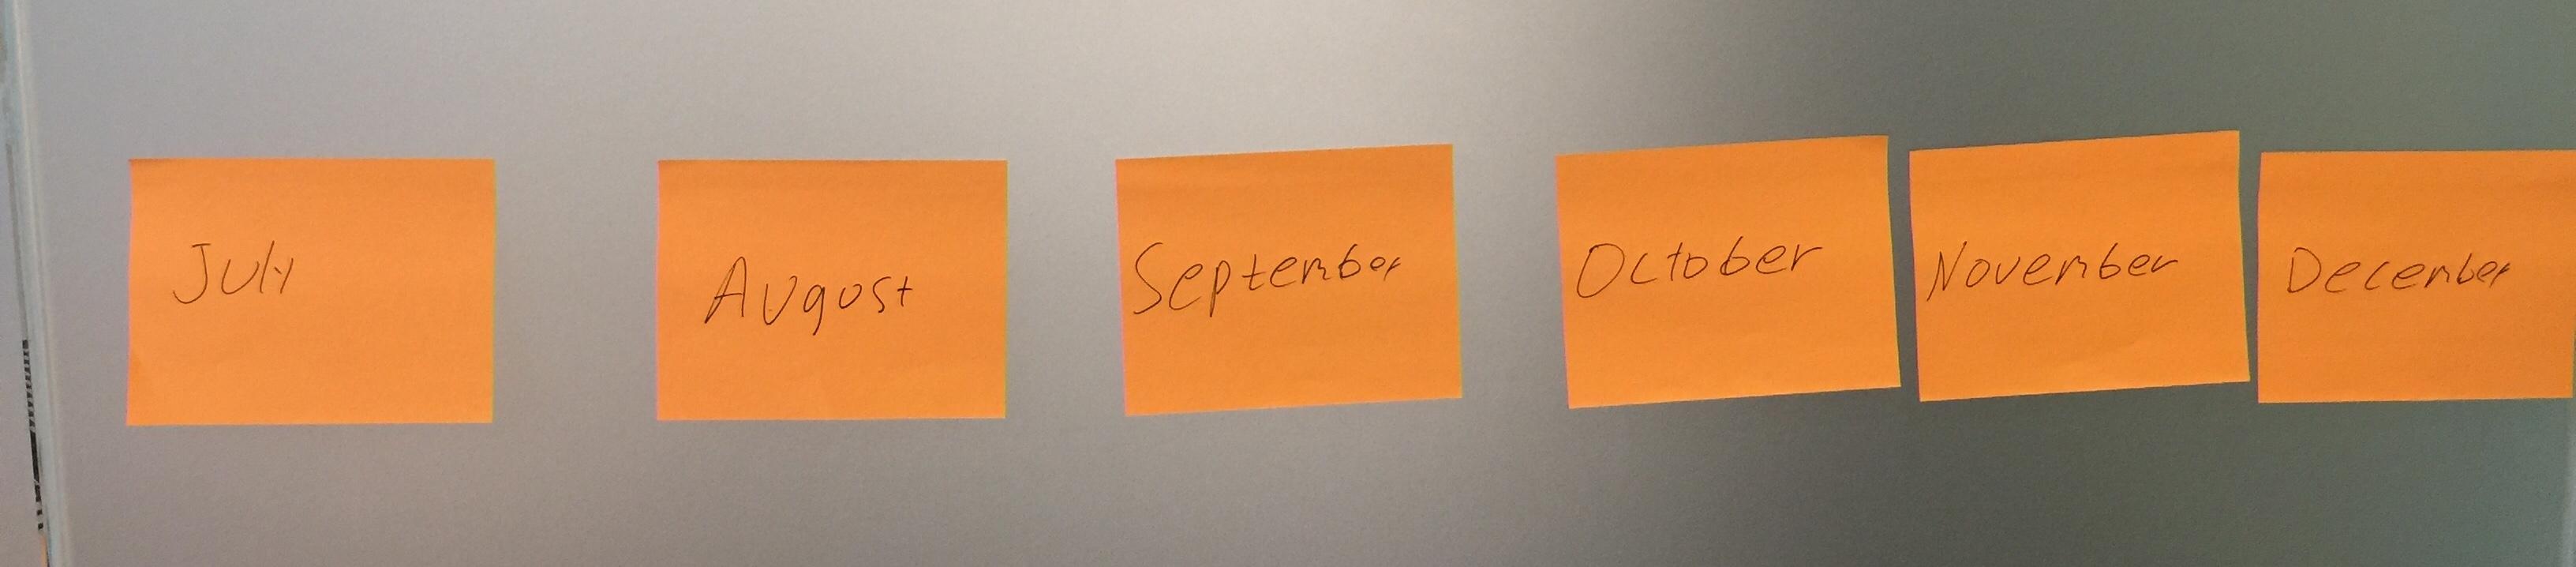 Timeline Retrospective - Months